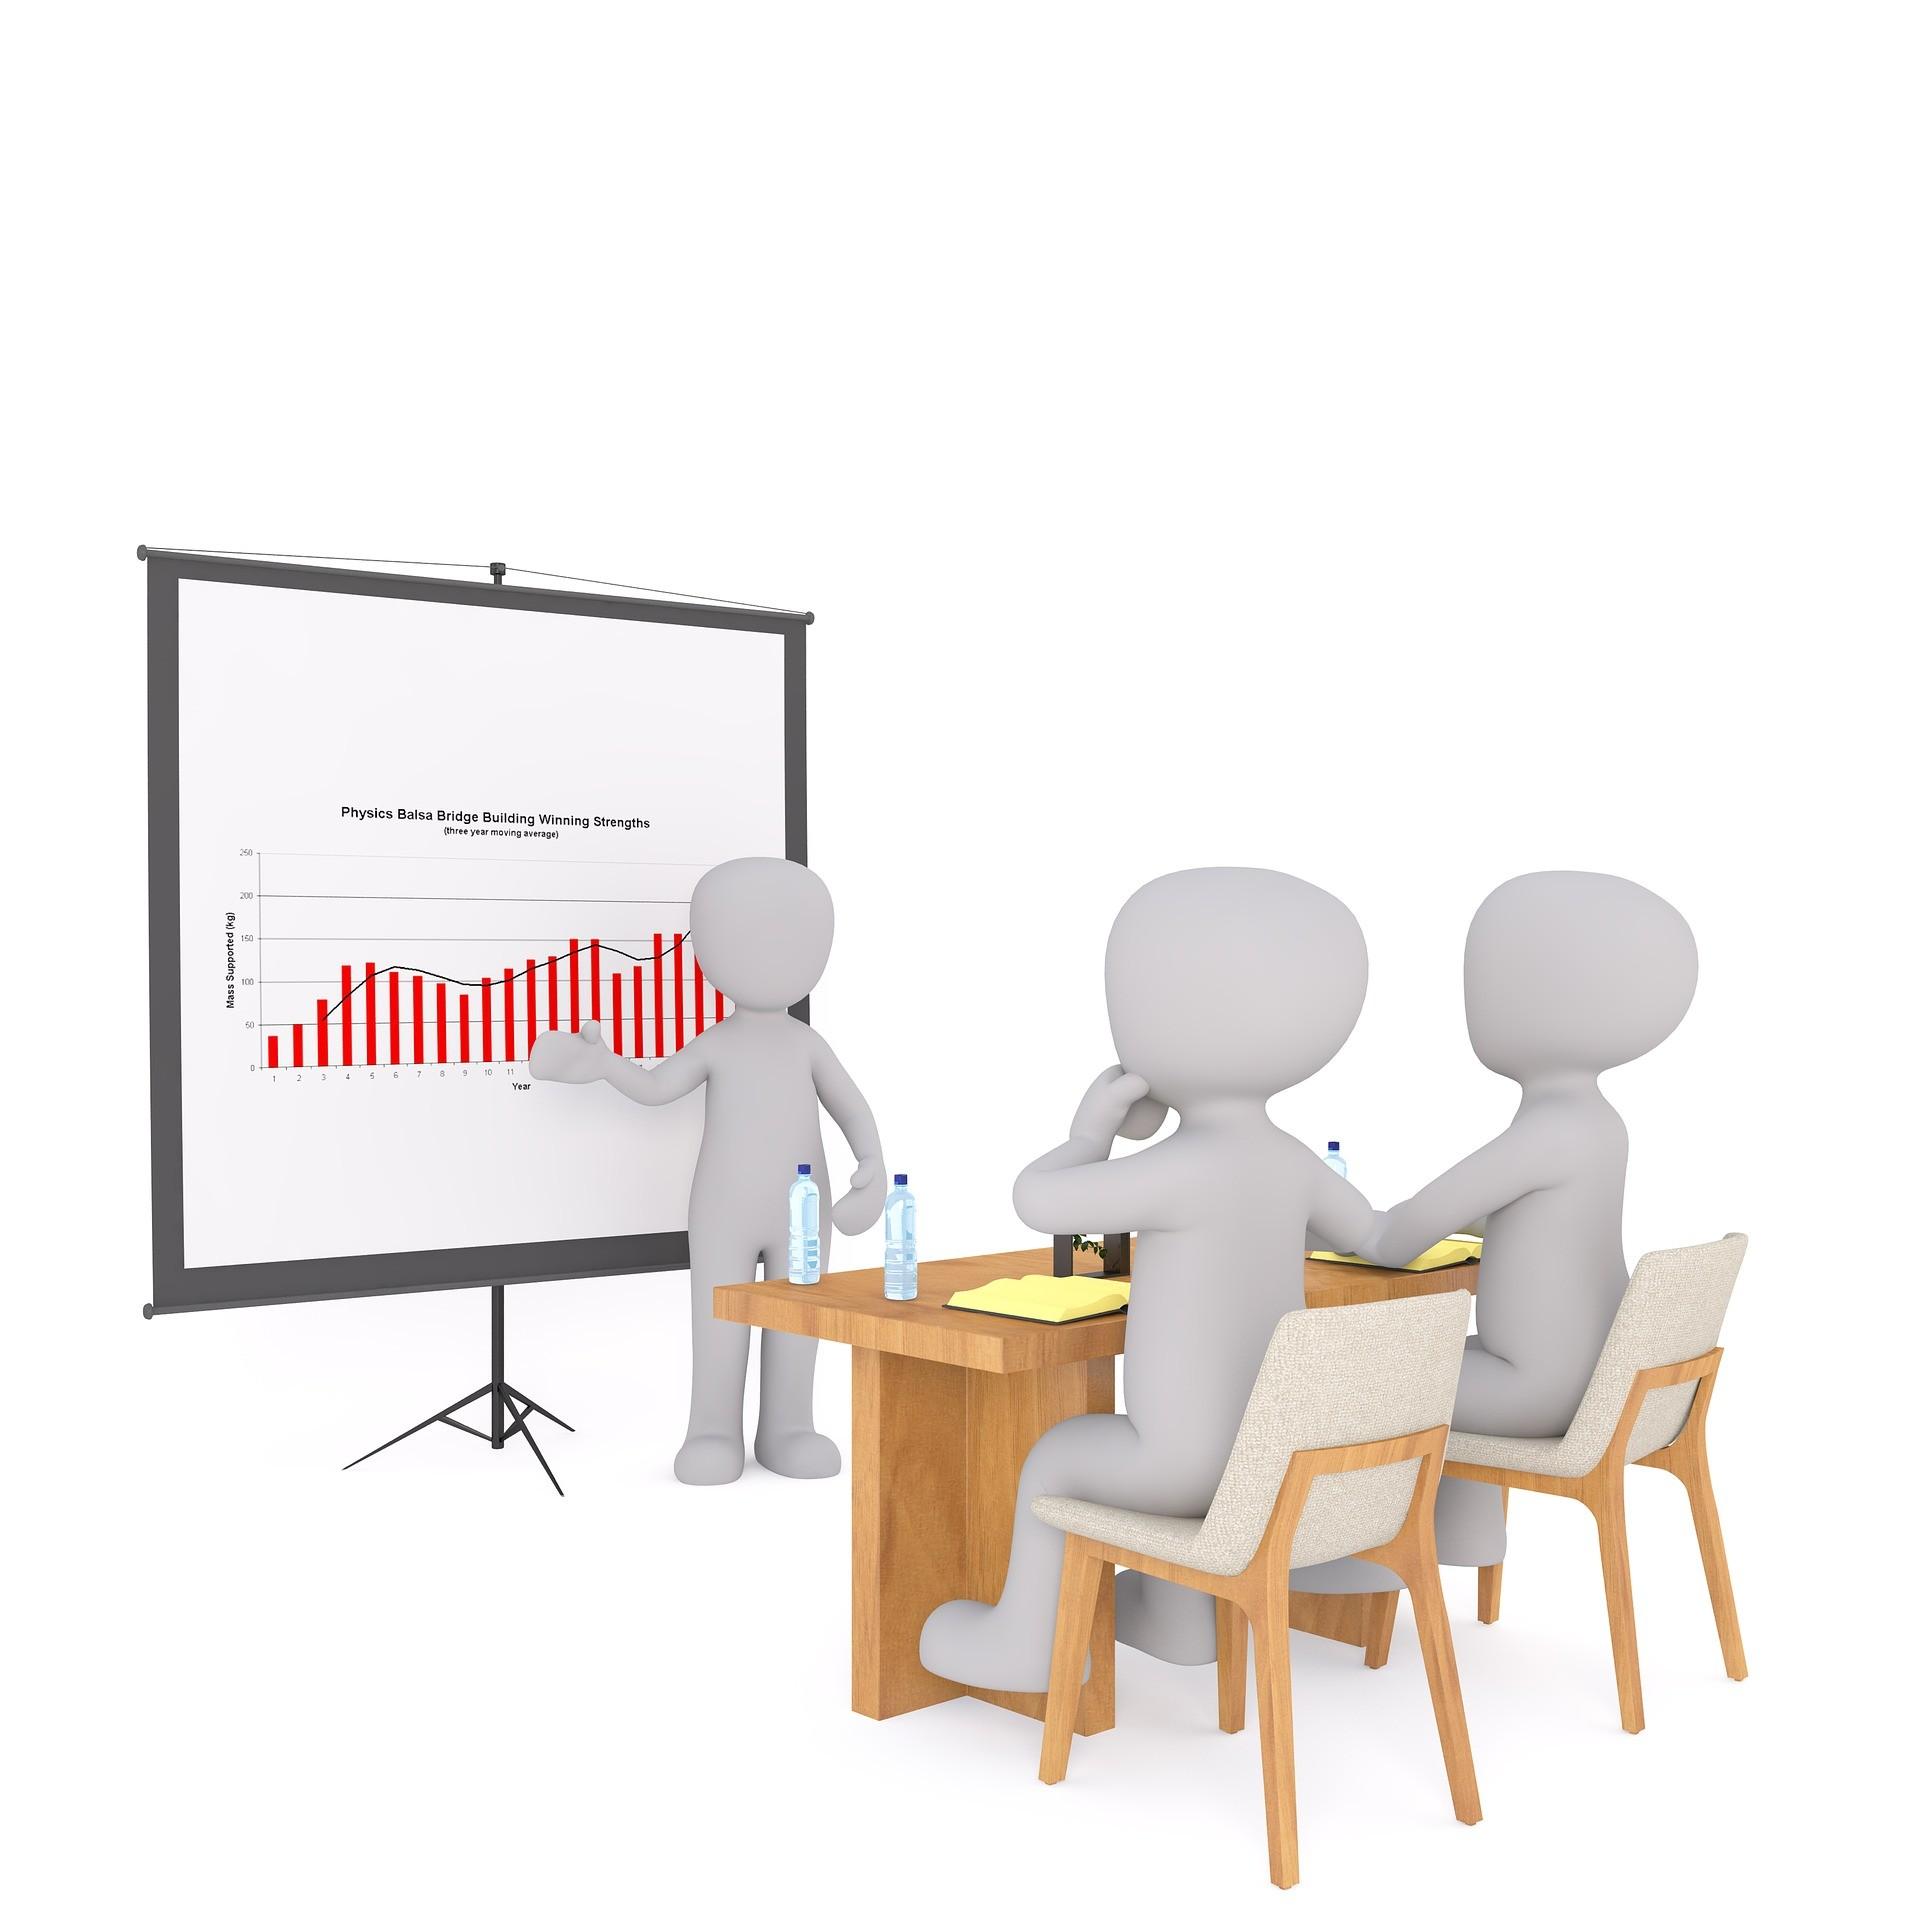 Sitzung des Ausschusses Umwelt, Planen, Bauen  am 17.06.21